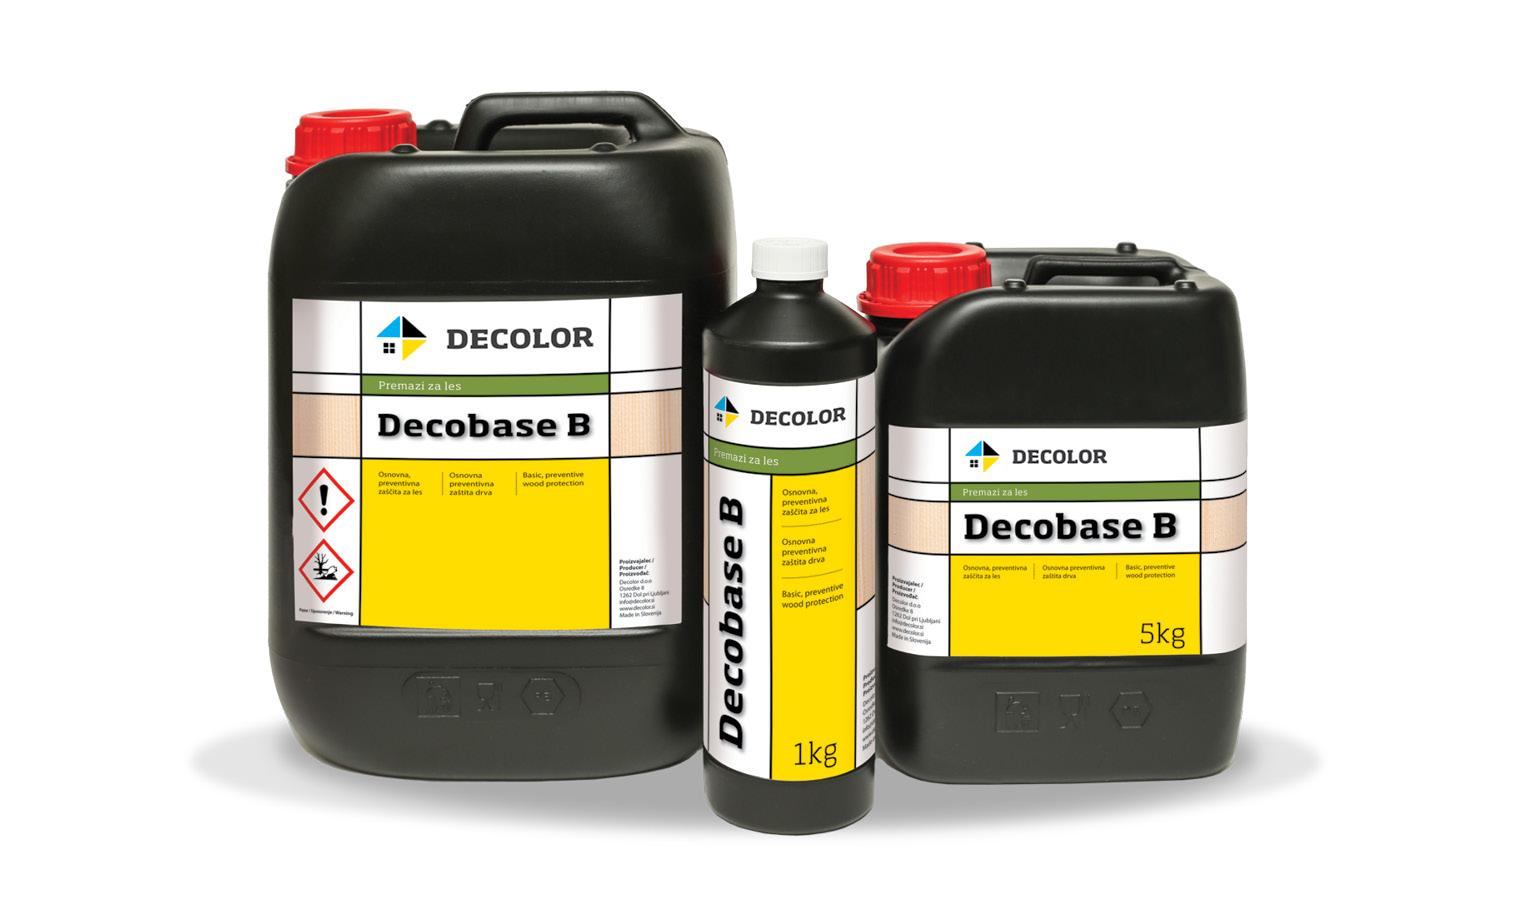 DecobaseBk